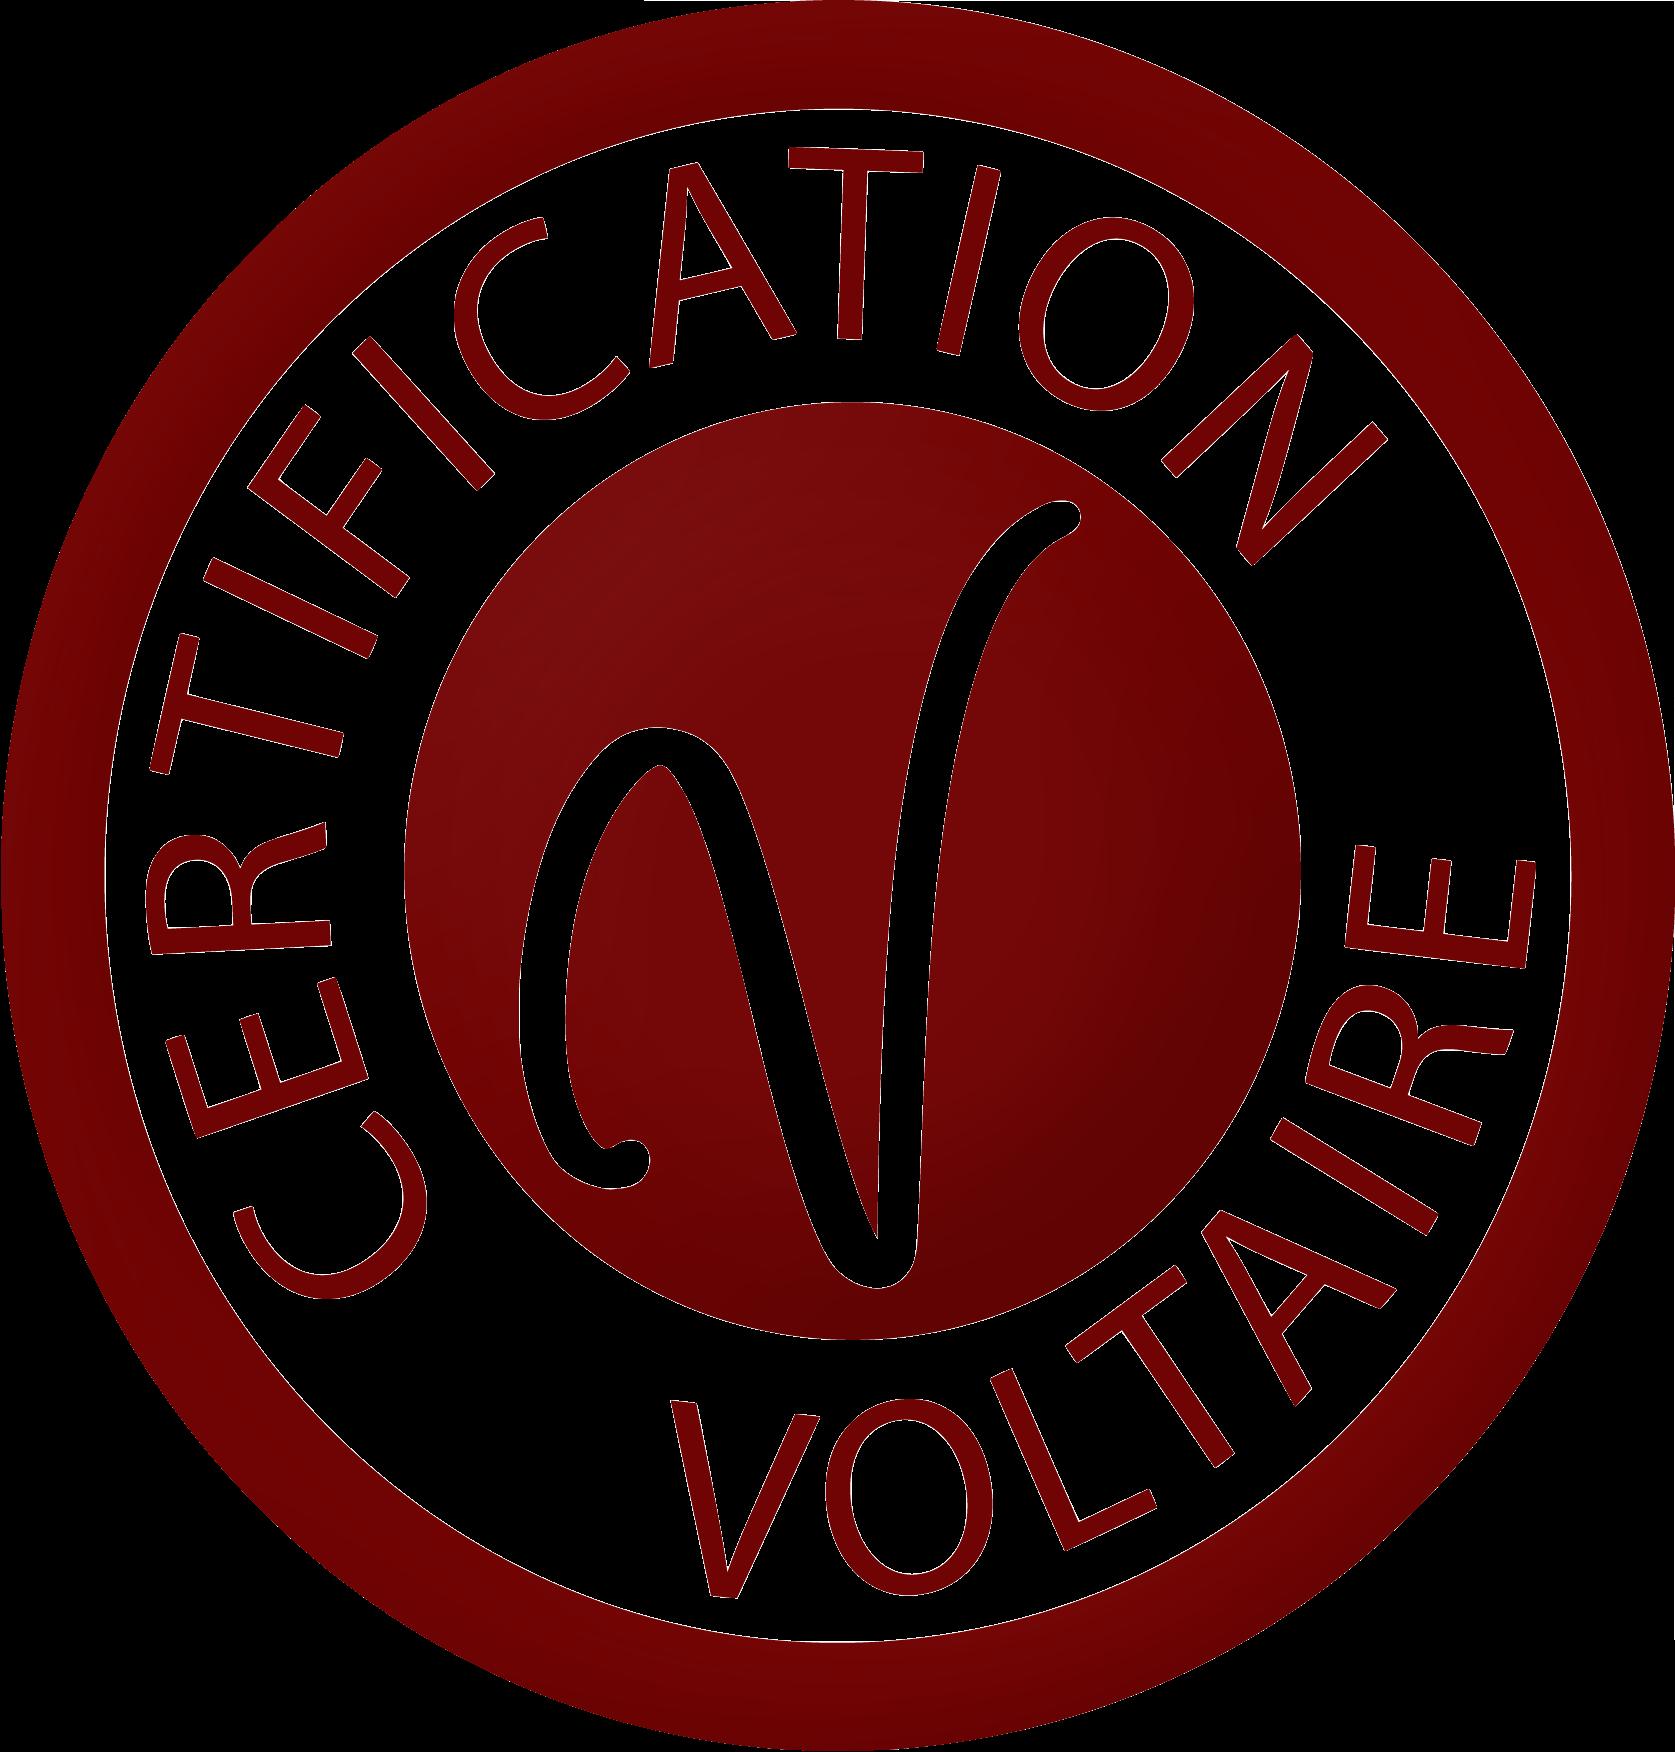 certificat voltaire corraixion